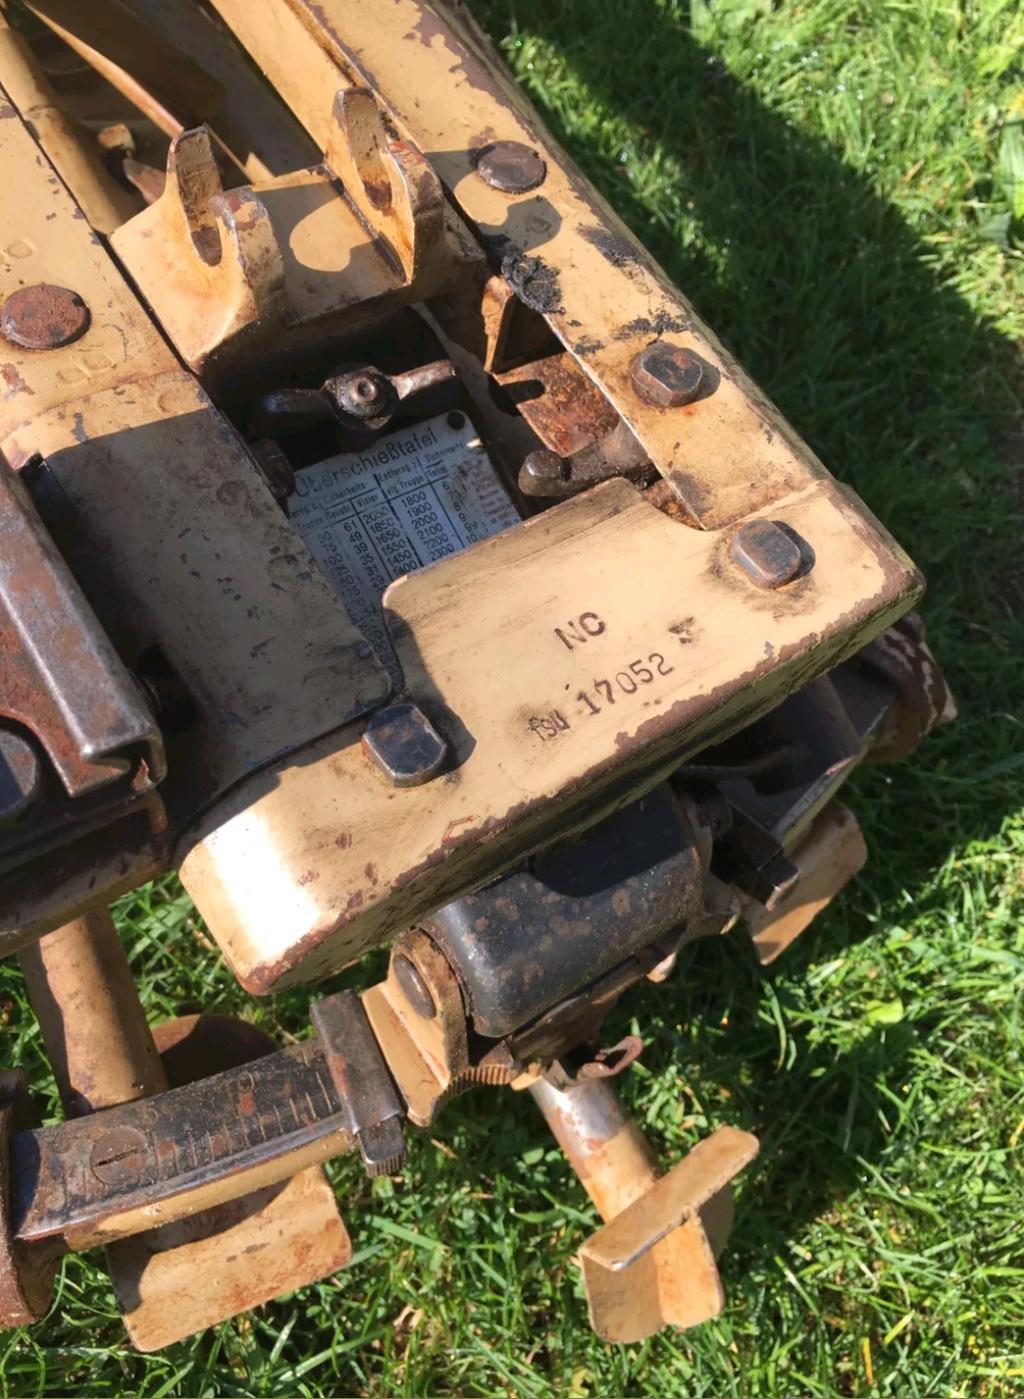 Magnifique lafette MG 42 Sable . Besoin d'info  20181111